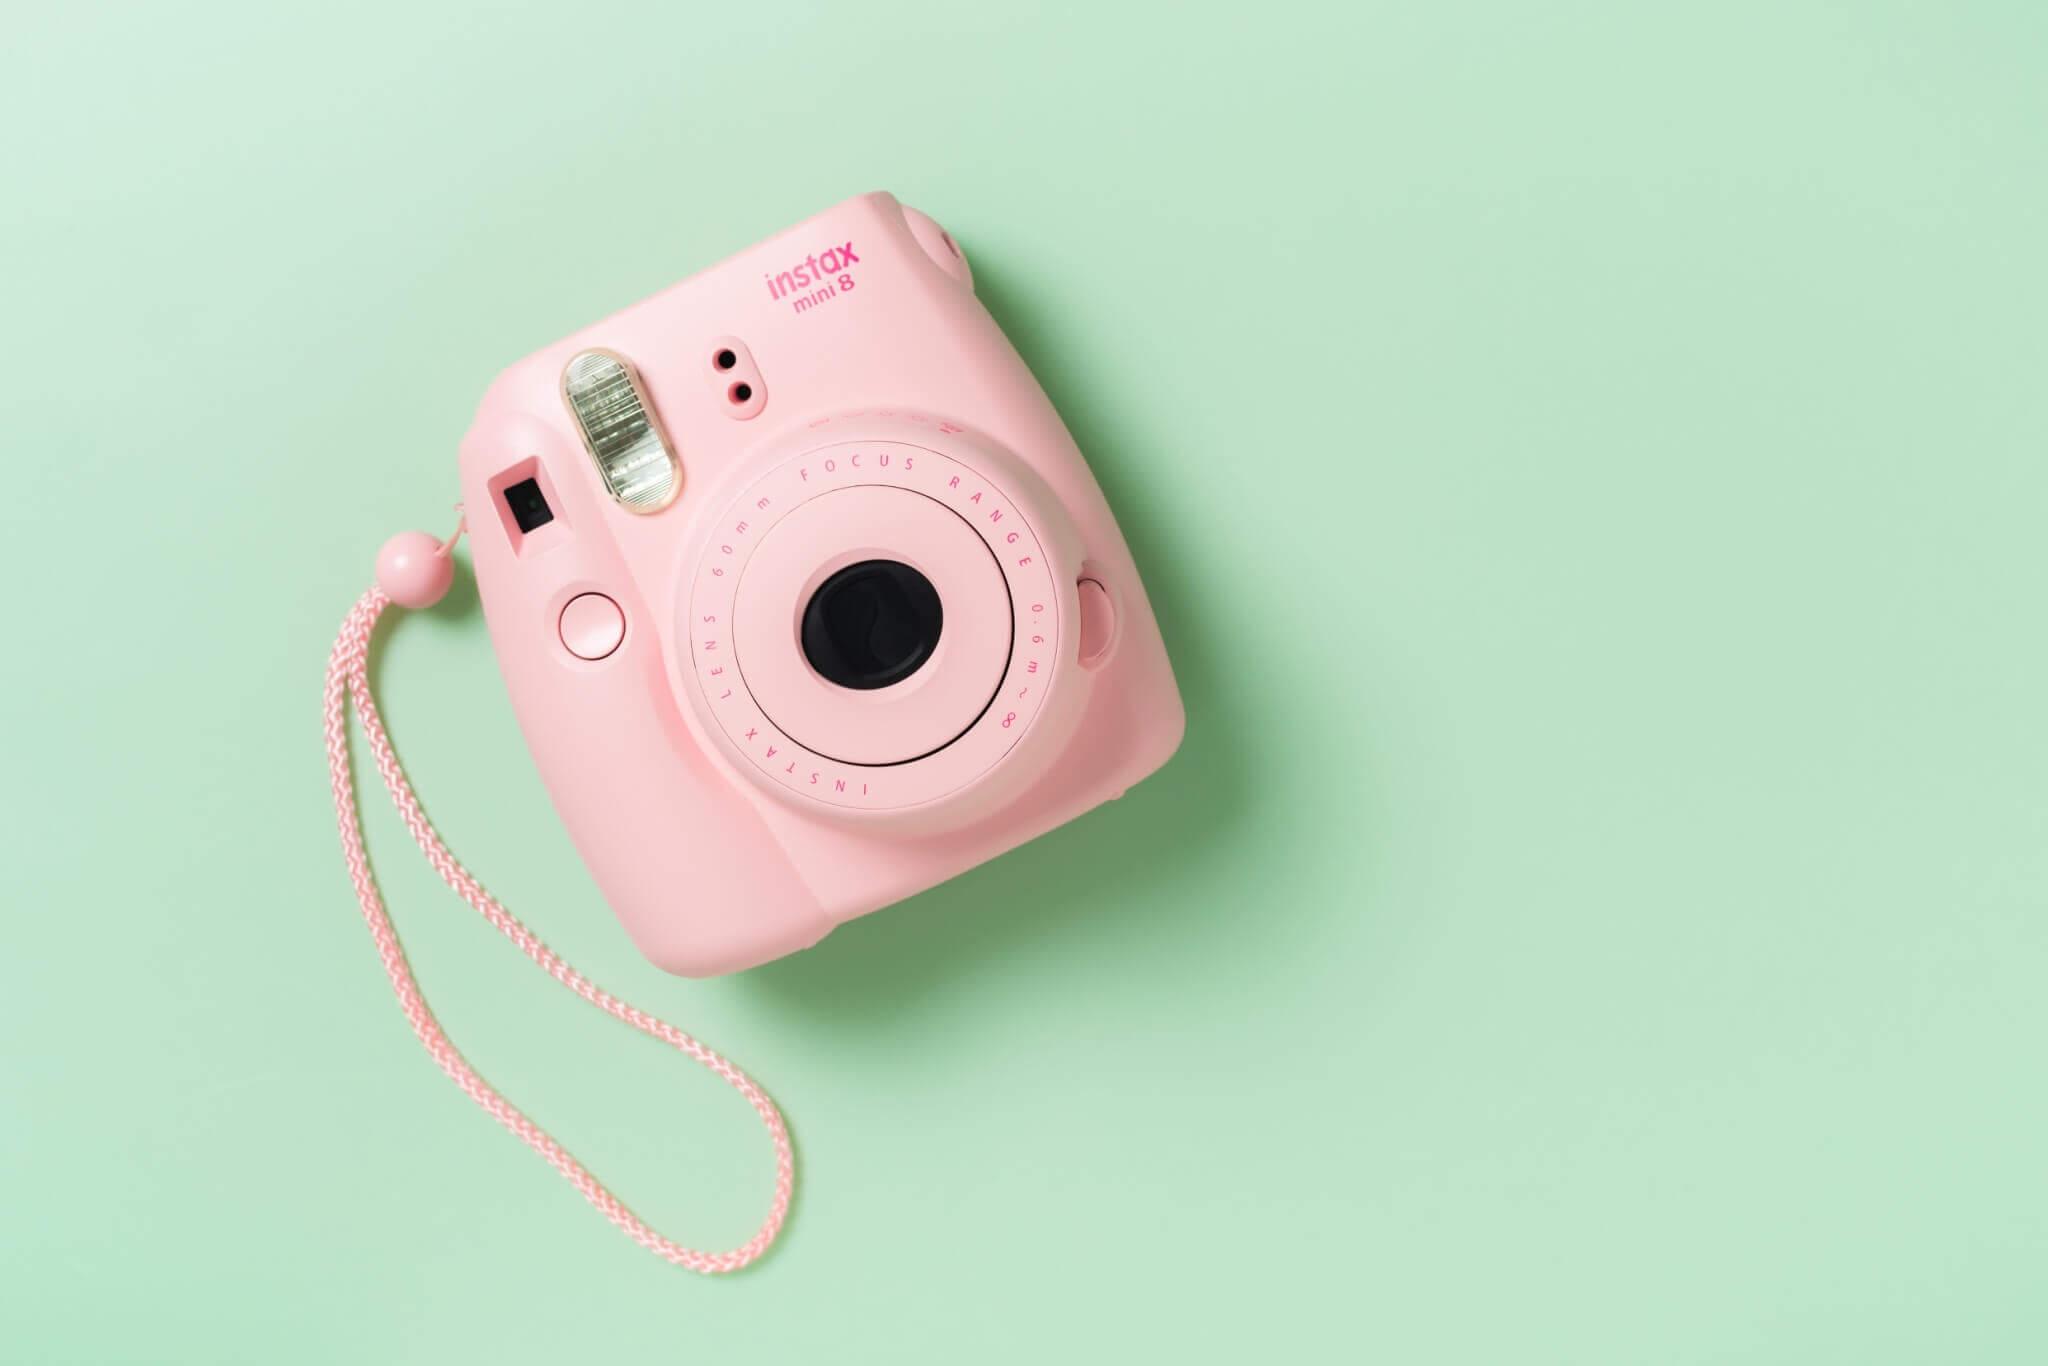 กล้องโพลารอยด์